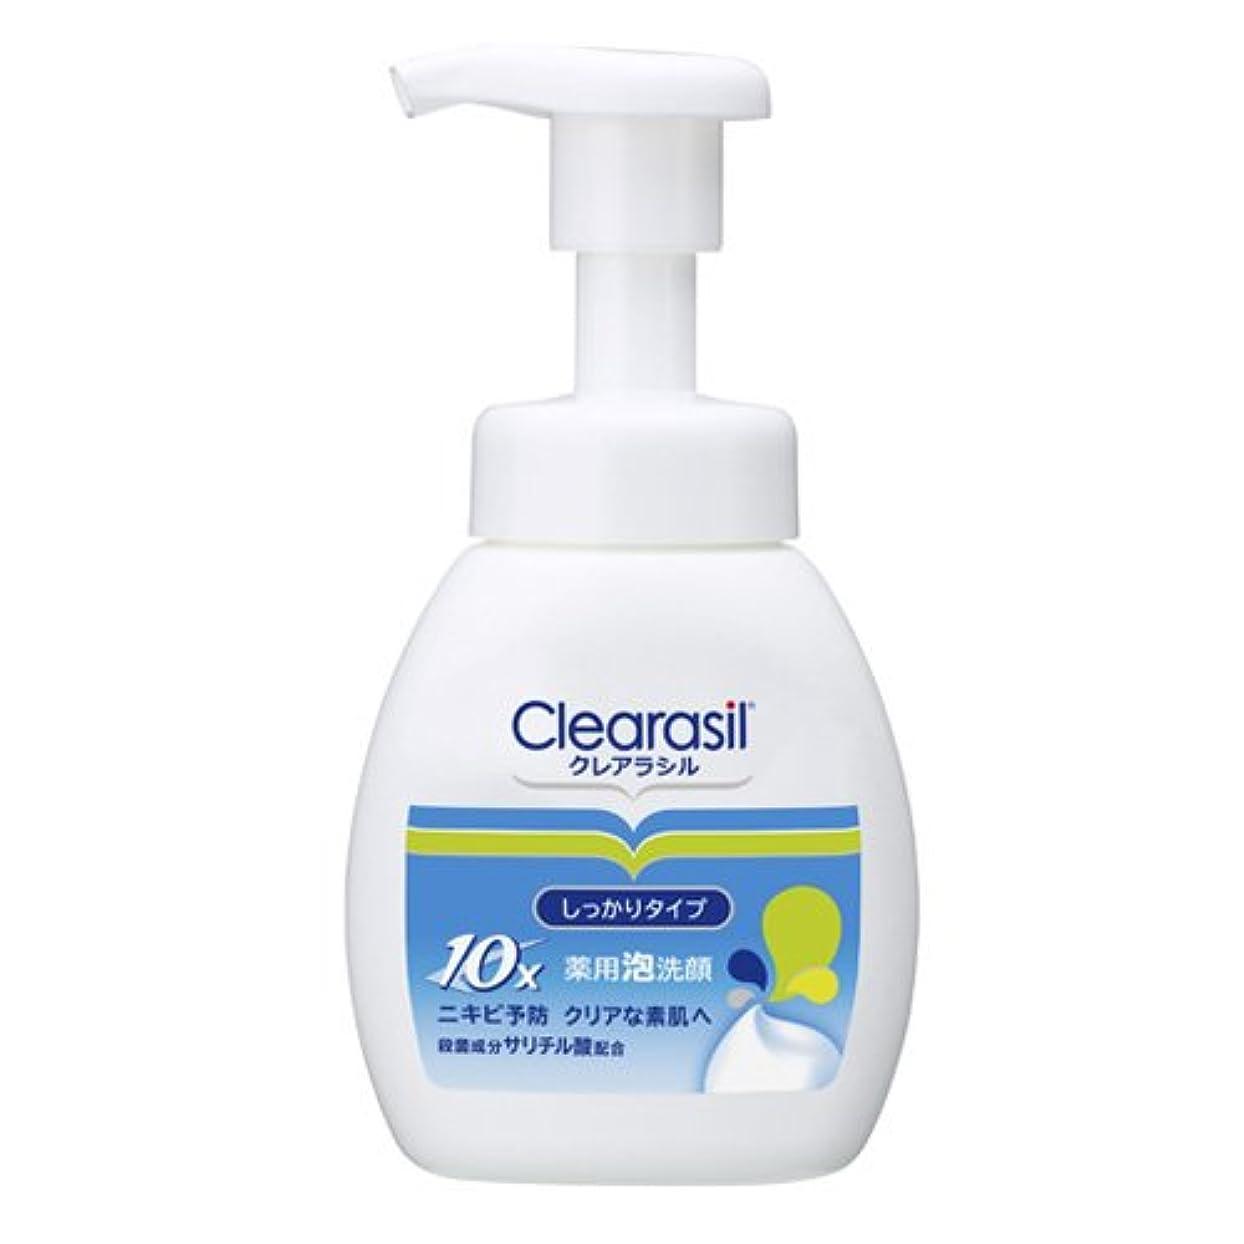 シソーラスハム専門知識【clearasil】クレアラシル 薬用泡洗顔フォーム10 (200ml)